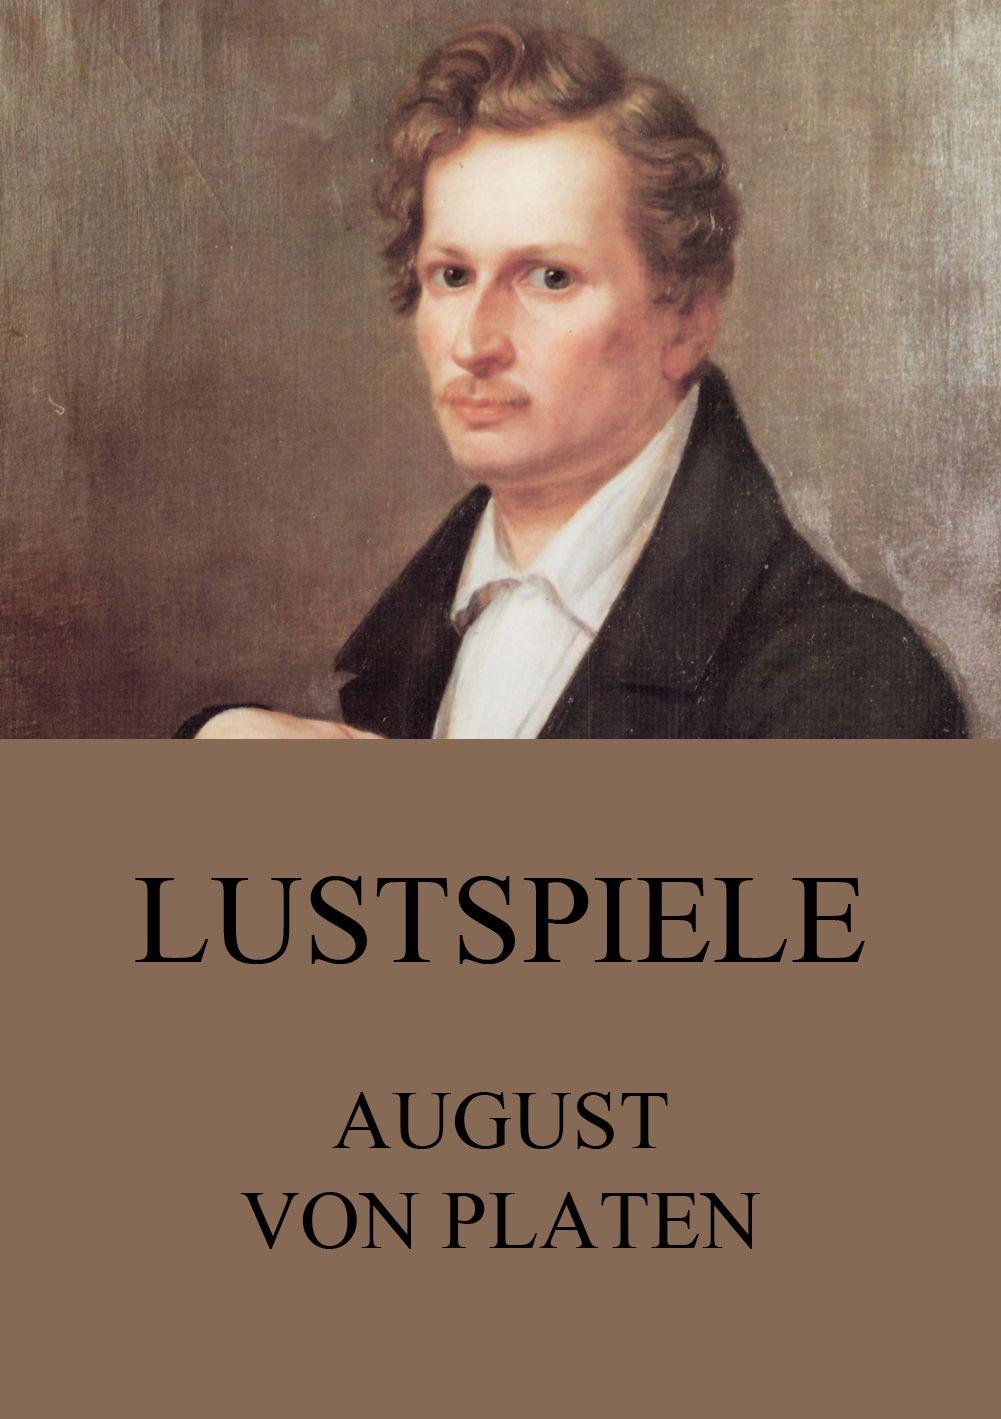 August von Platen Lustspiele